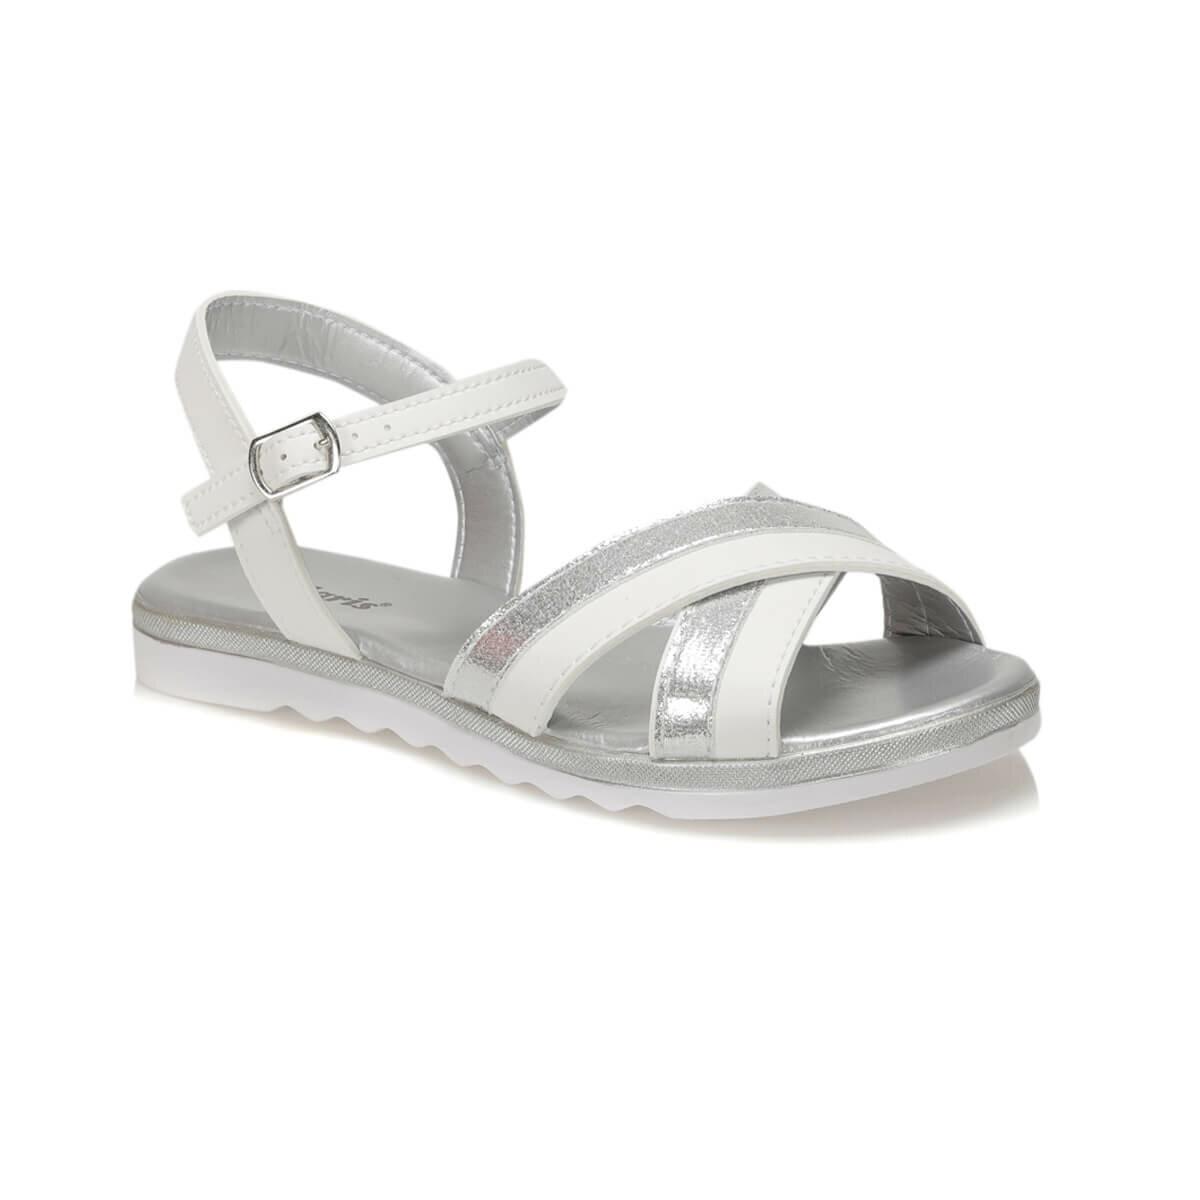 FLO 91.313492.Z White Women Sandals Polaris